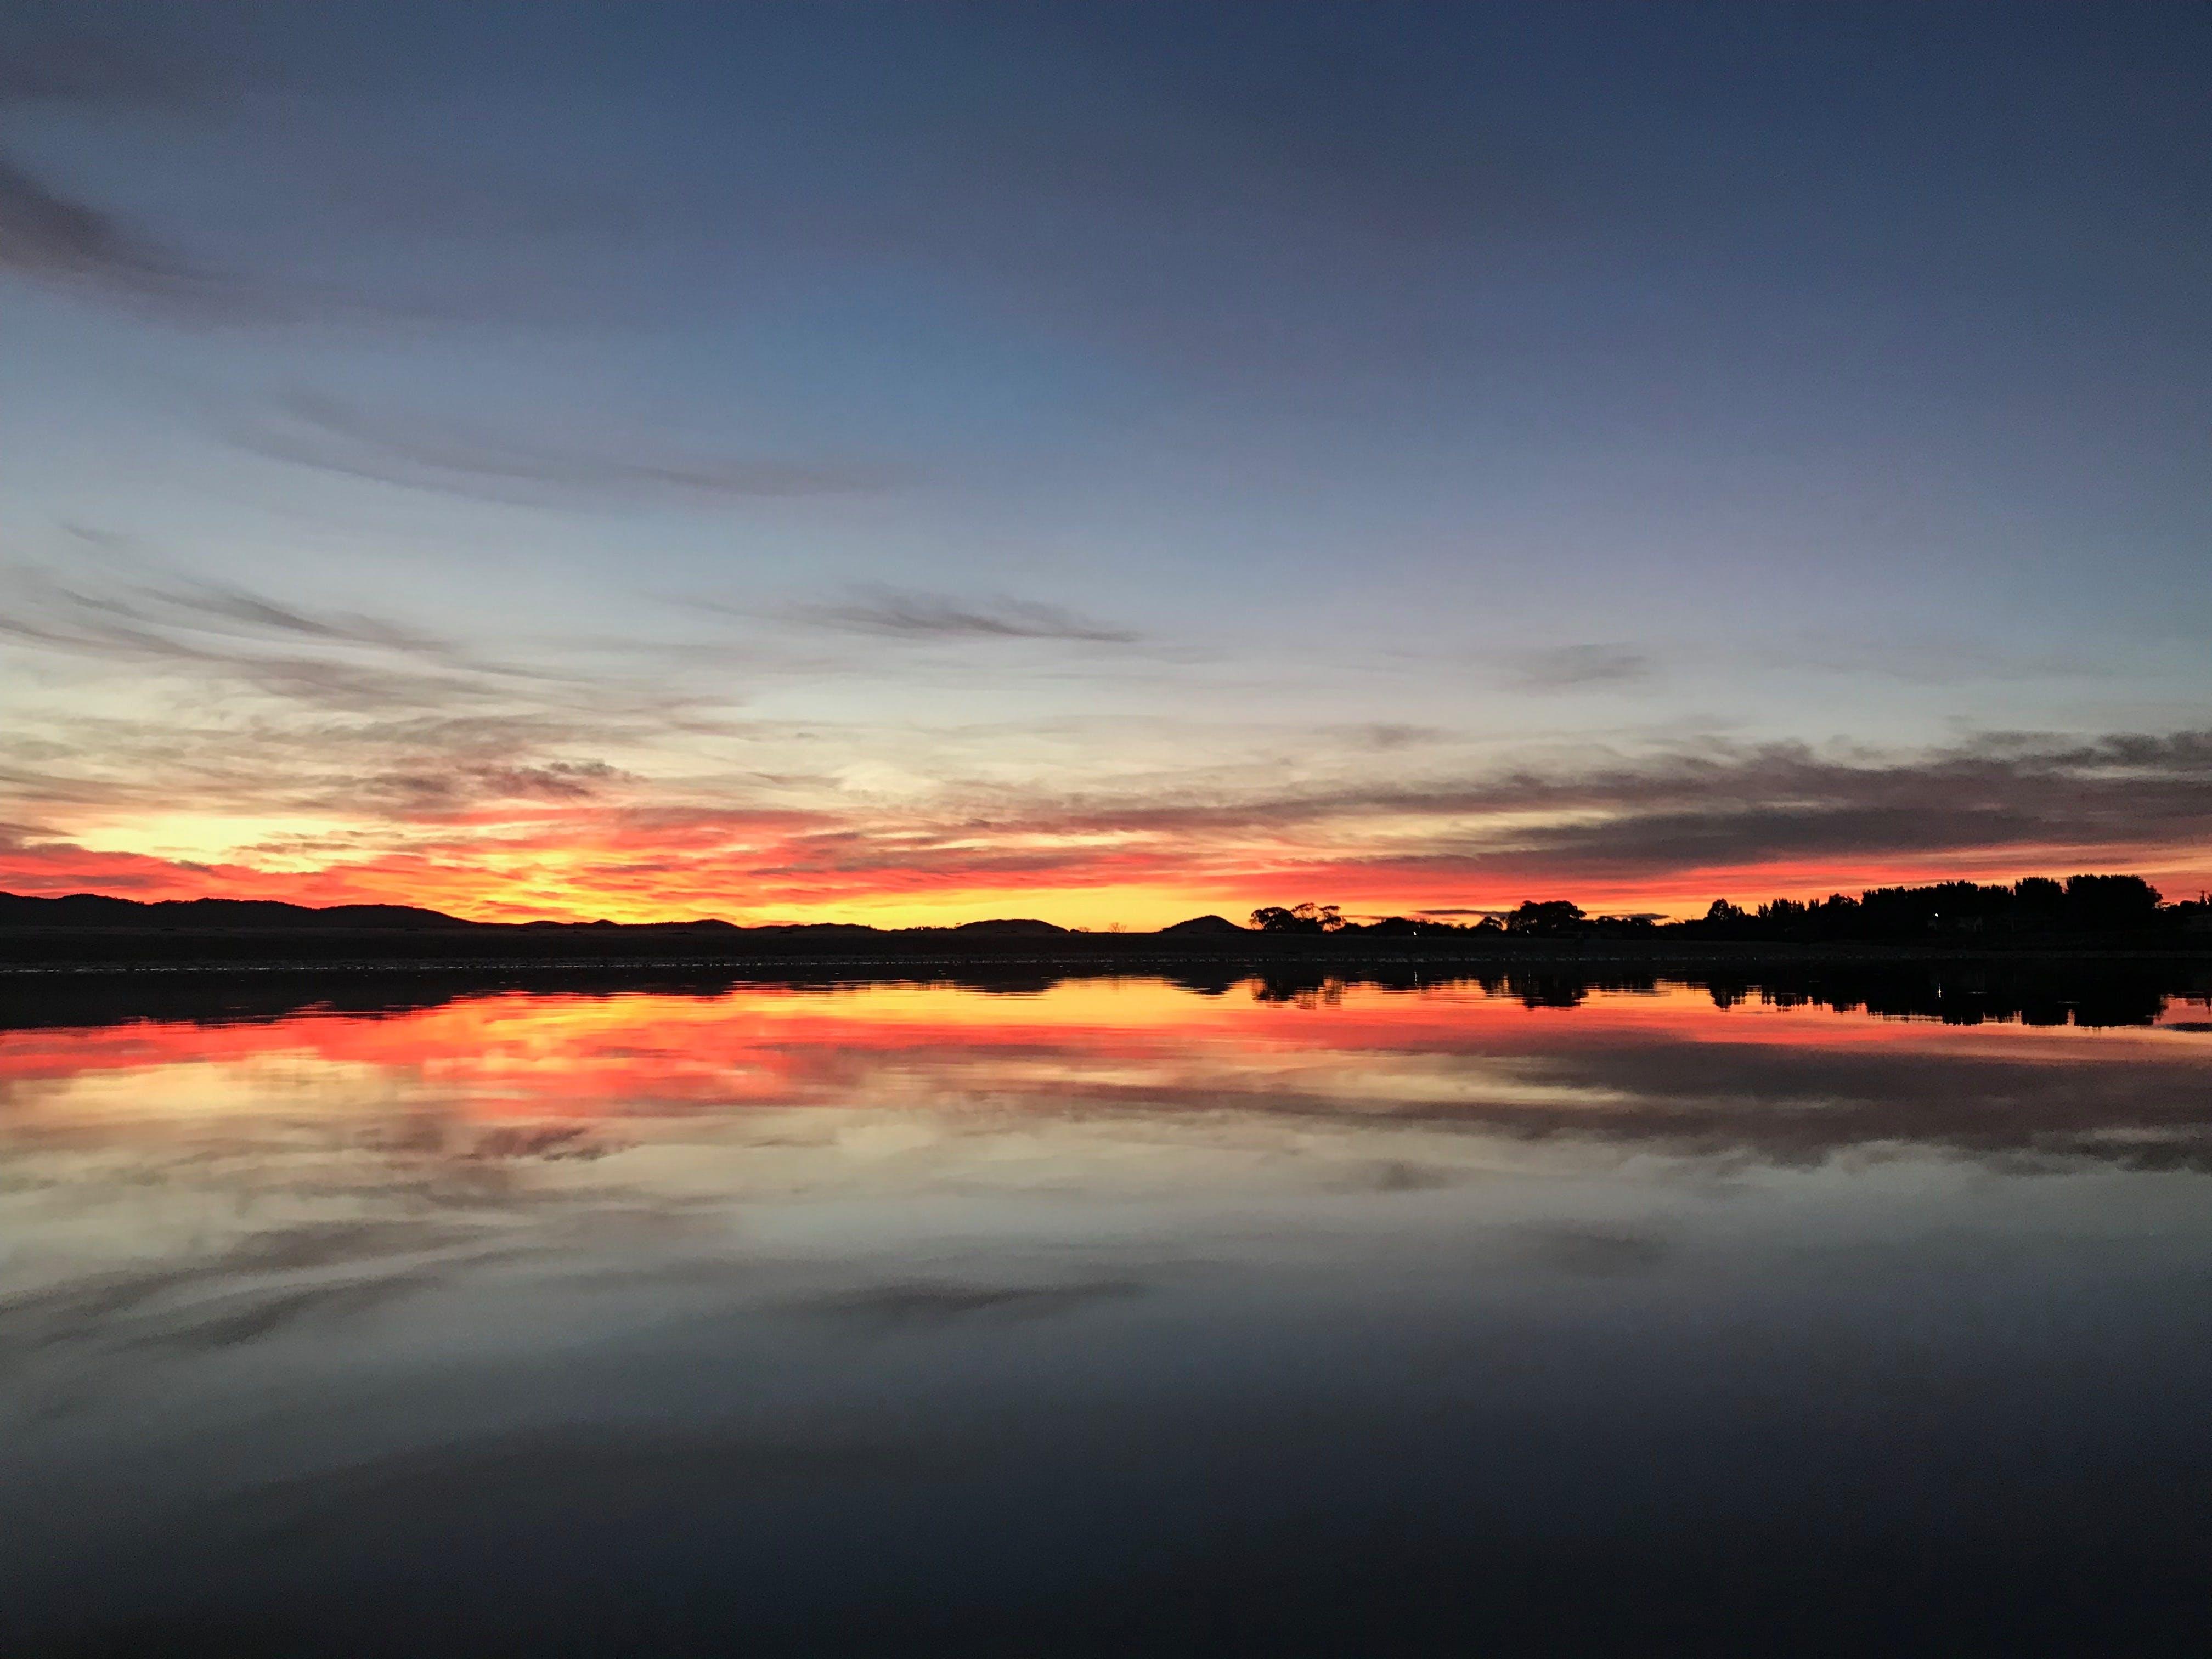 Free stock photo of reflections, sunrise